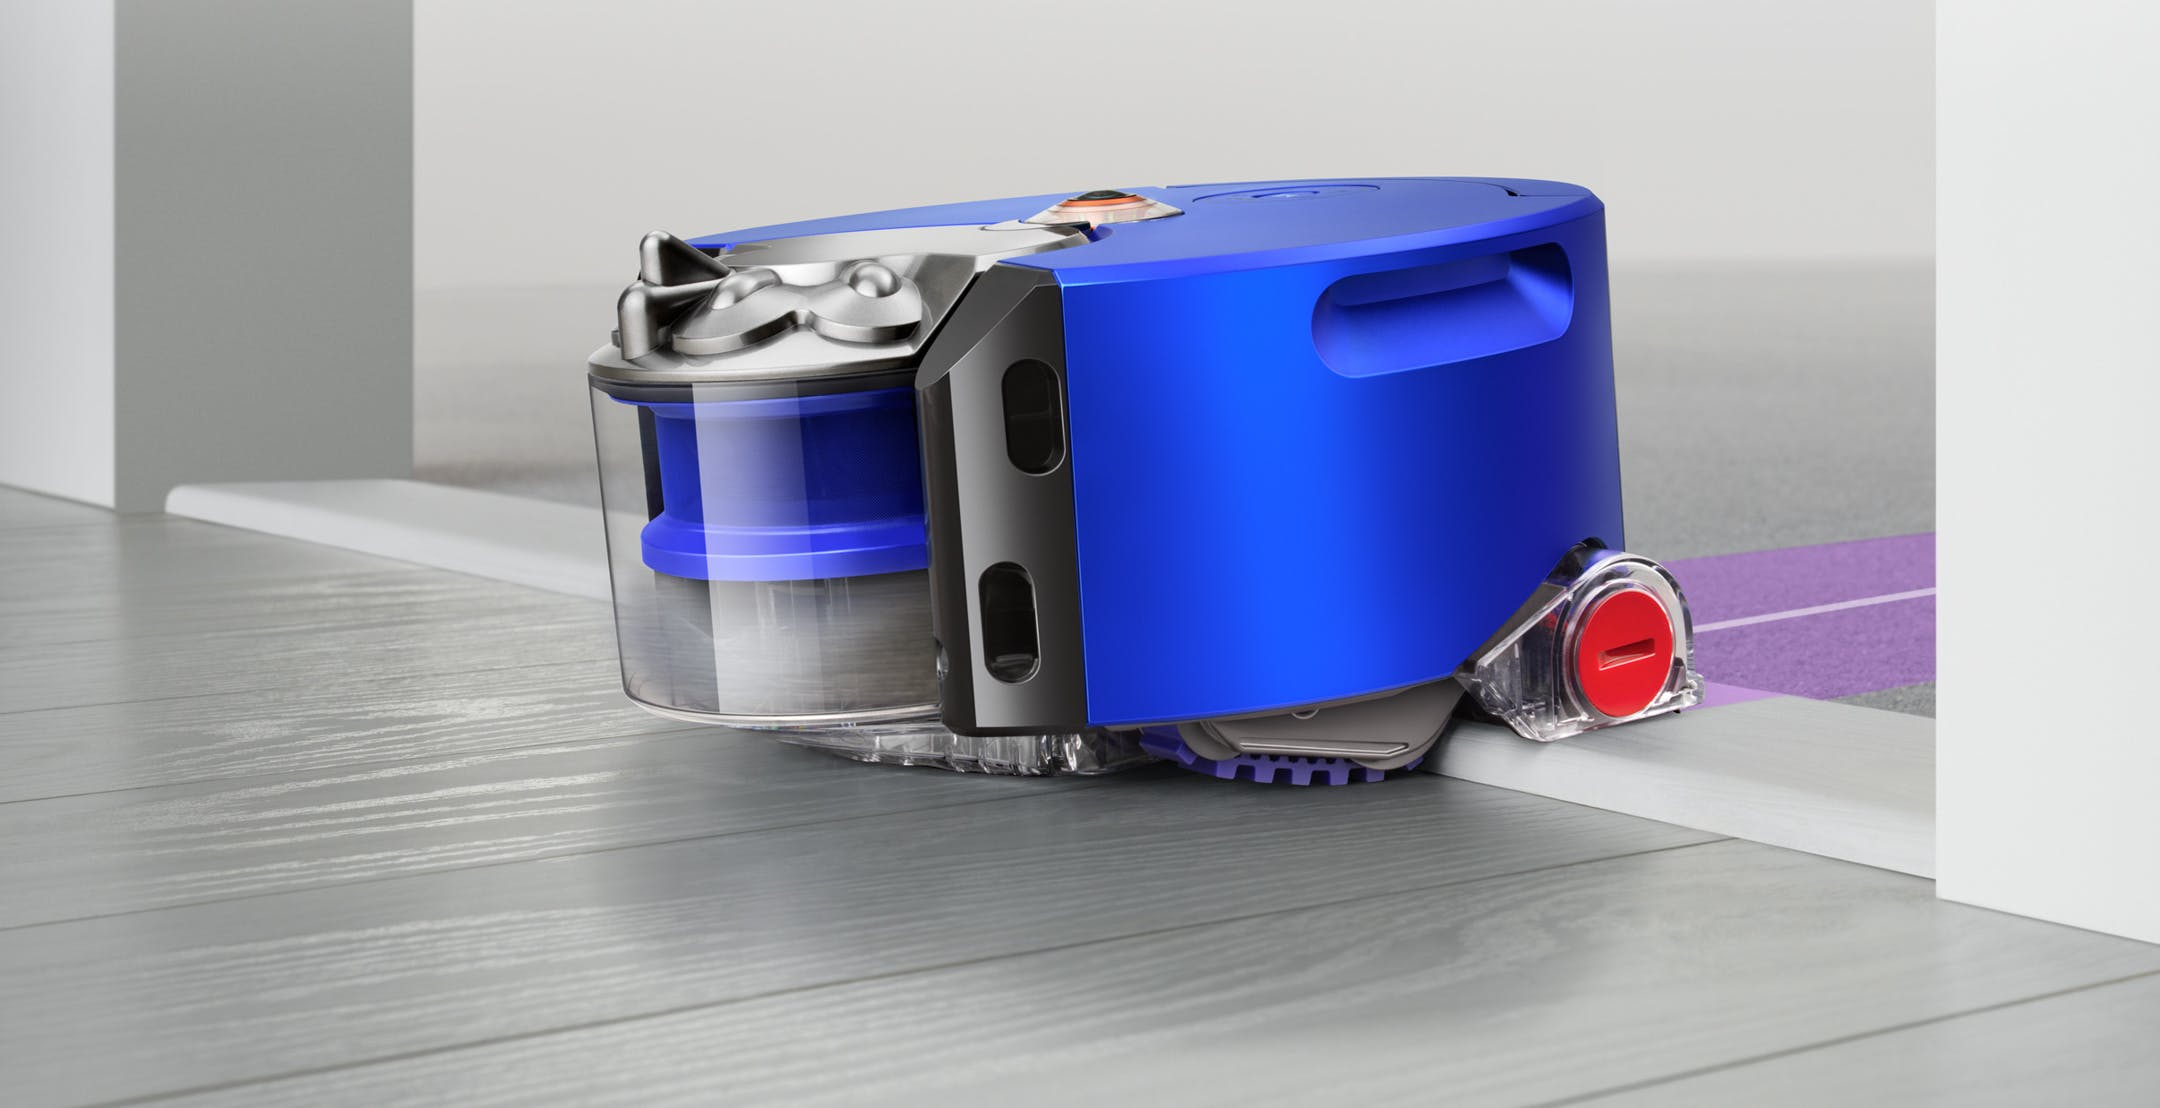 Dyson 360 Heurist, l'aspirapolvere robotizzato che impara dalle proprie esperienze